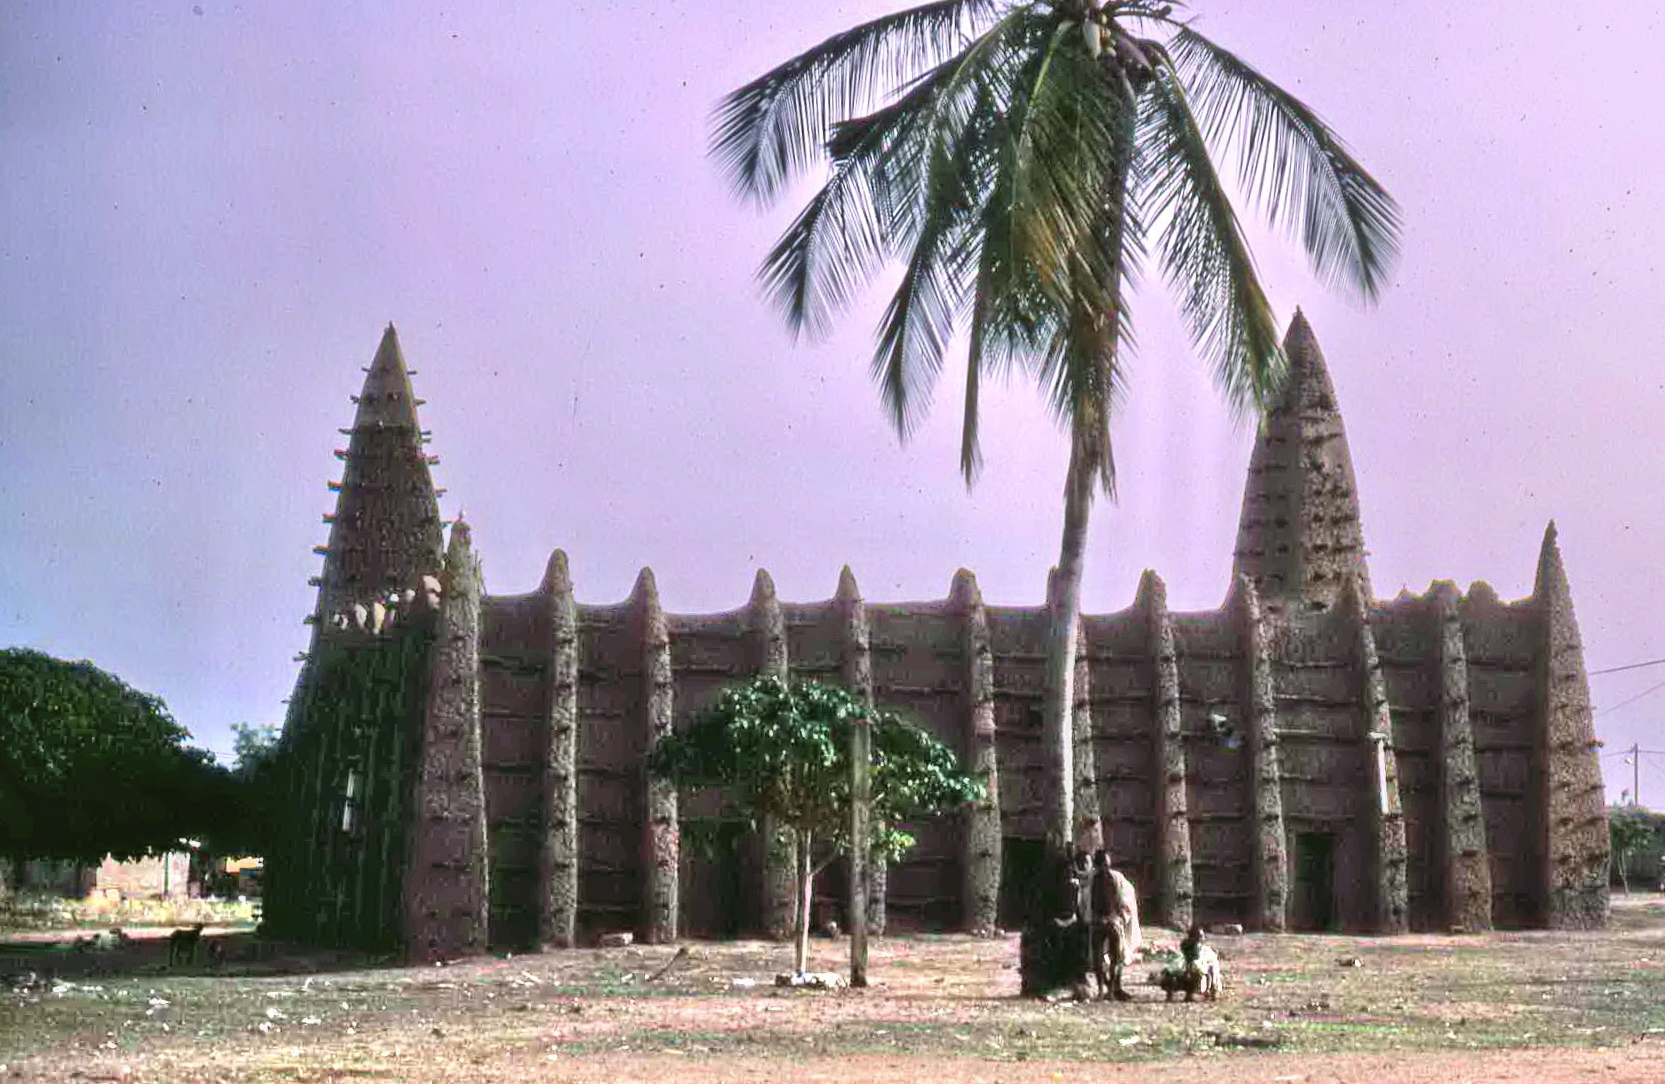 Diese Moschee steht in Kong im Norden des Landes. Kong war früher ein mächtiger muslimischer Staat um eine wichtige Stadt herum.